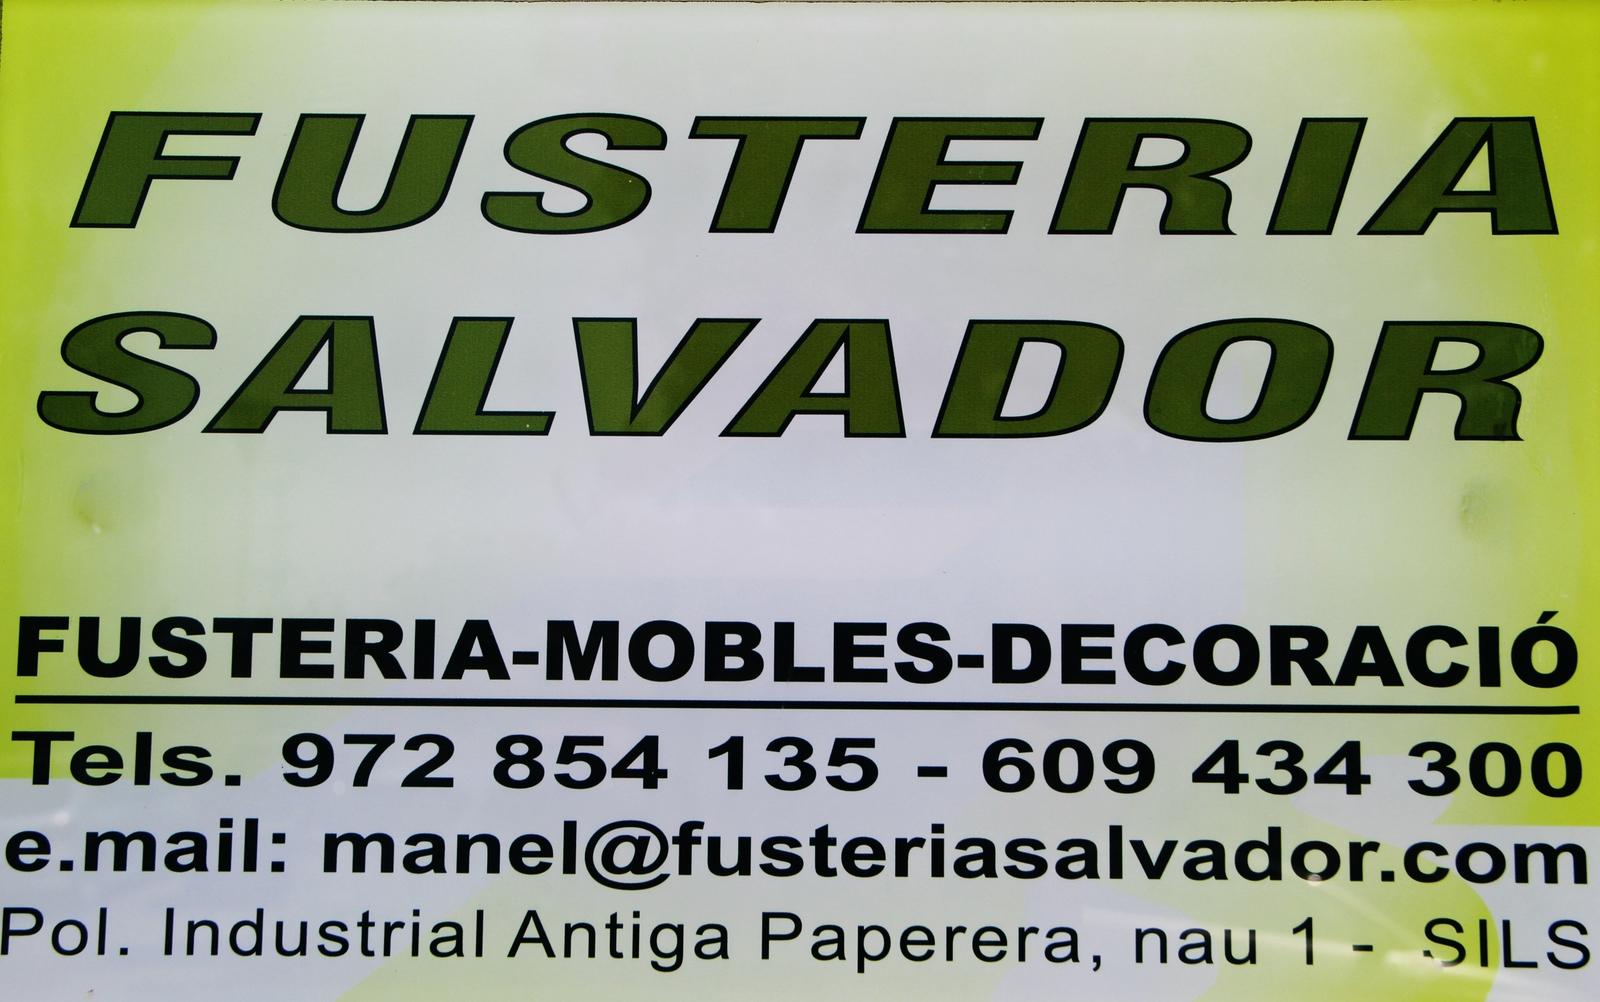 Fusteria Salvador